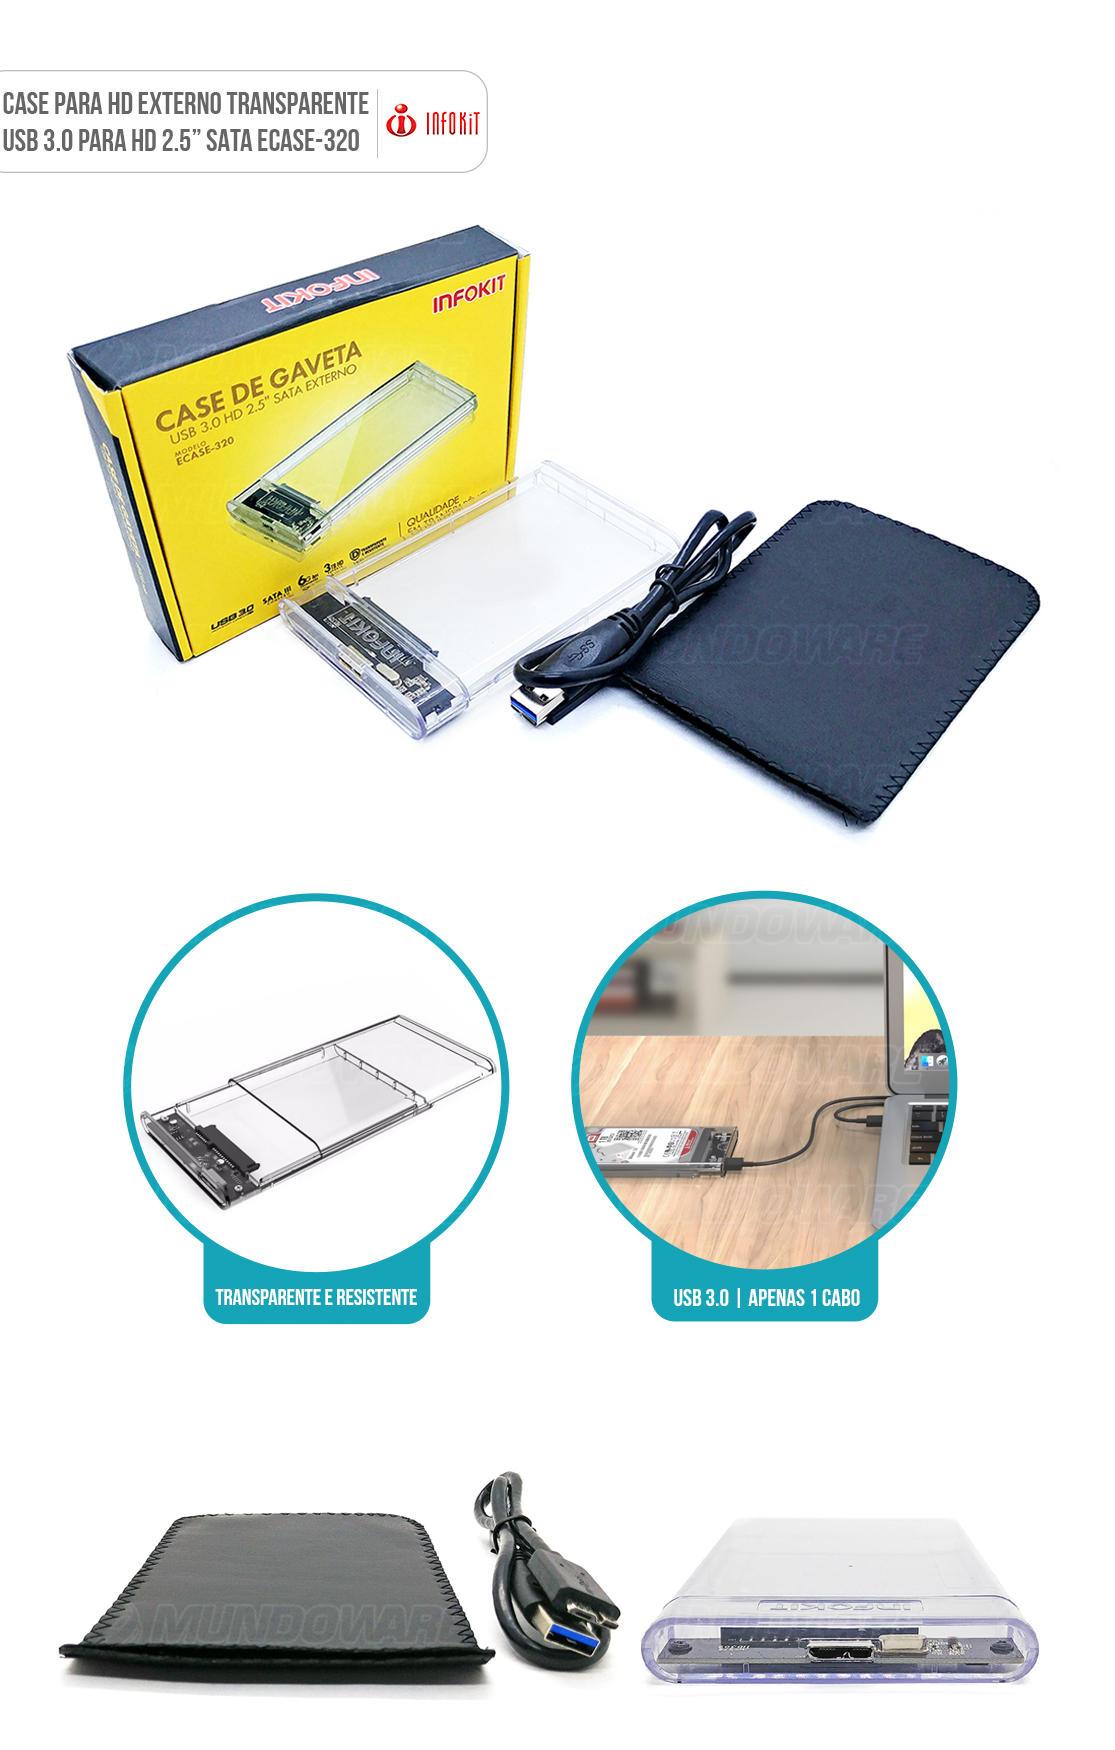 Case externo HD 2.5 usb 3.0 transparente com capa proteção